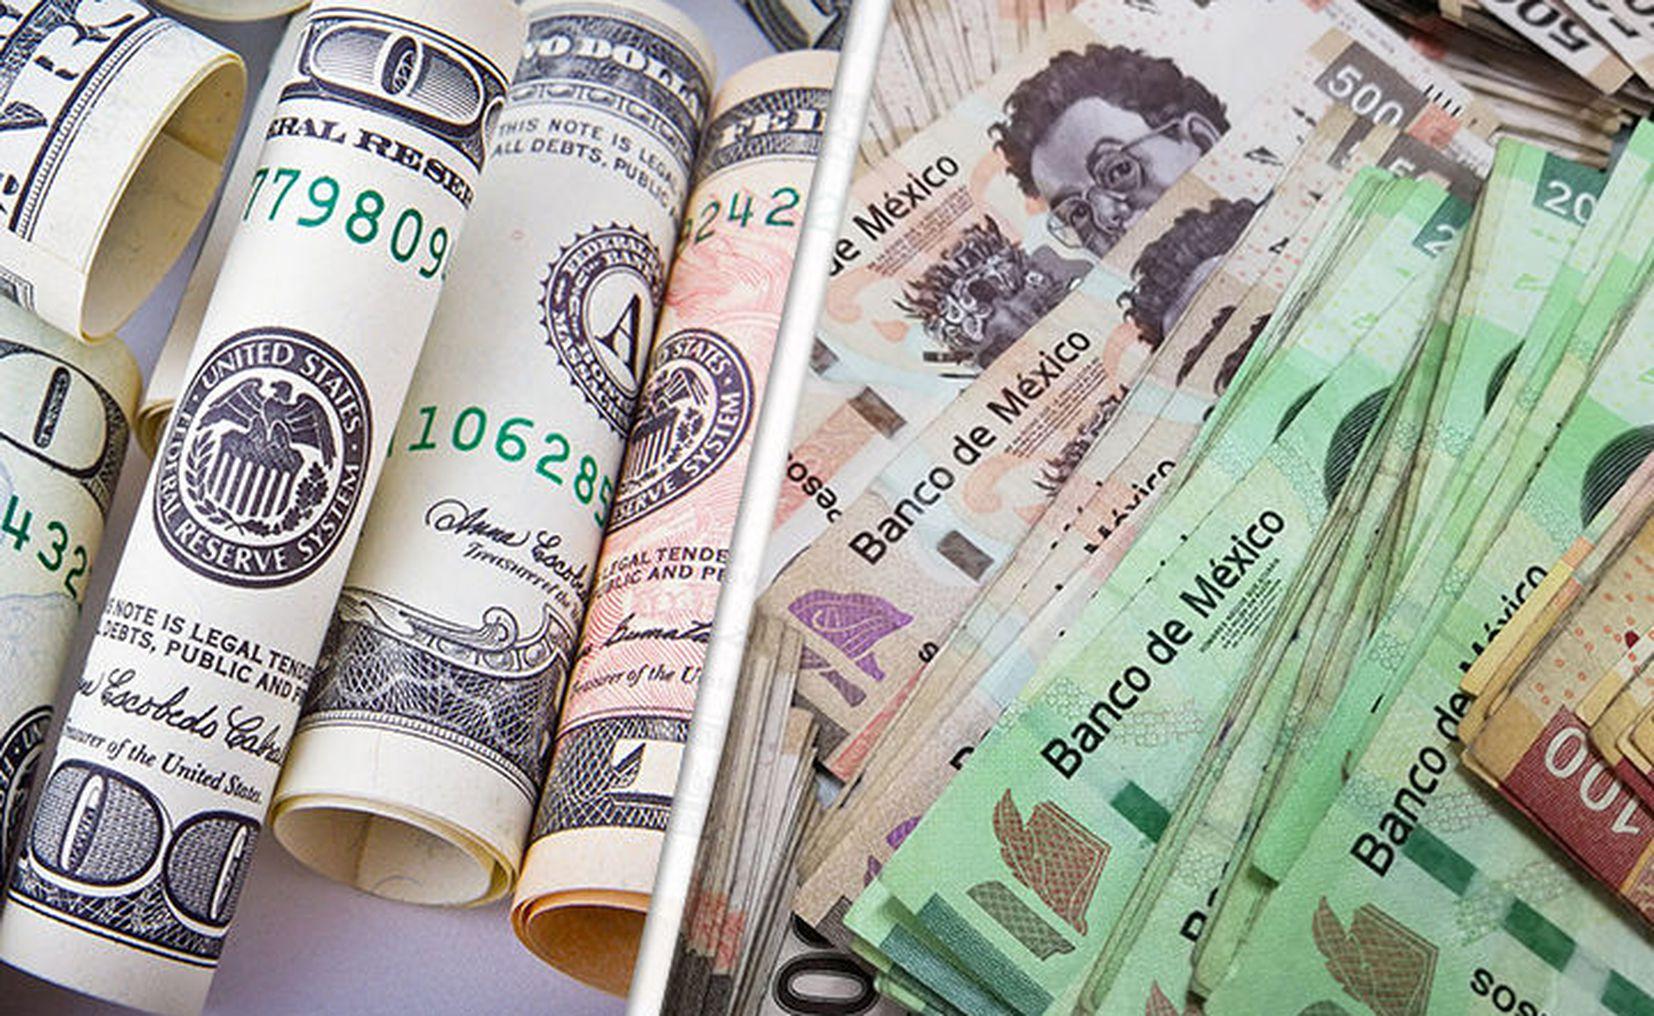 Dolar Hoy Cómo Afecta El Precio Del